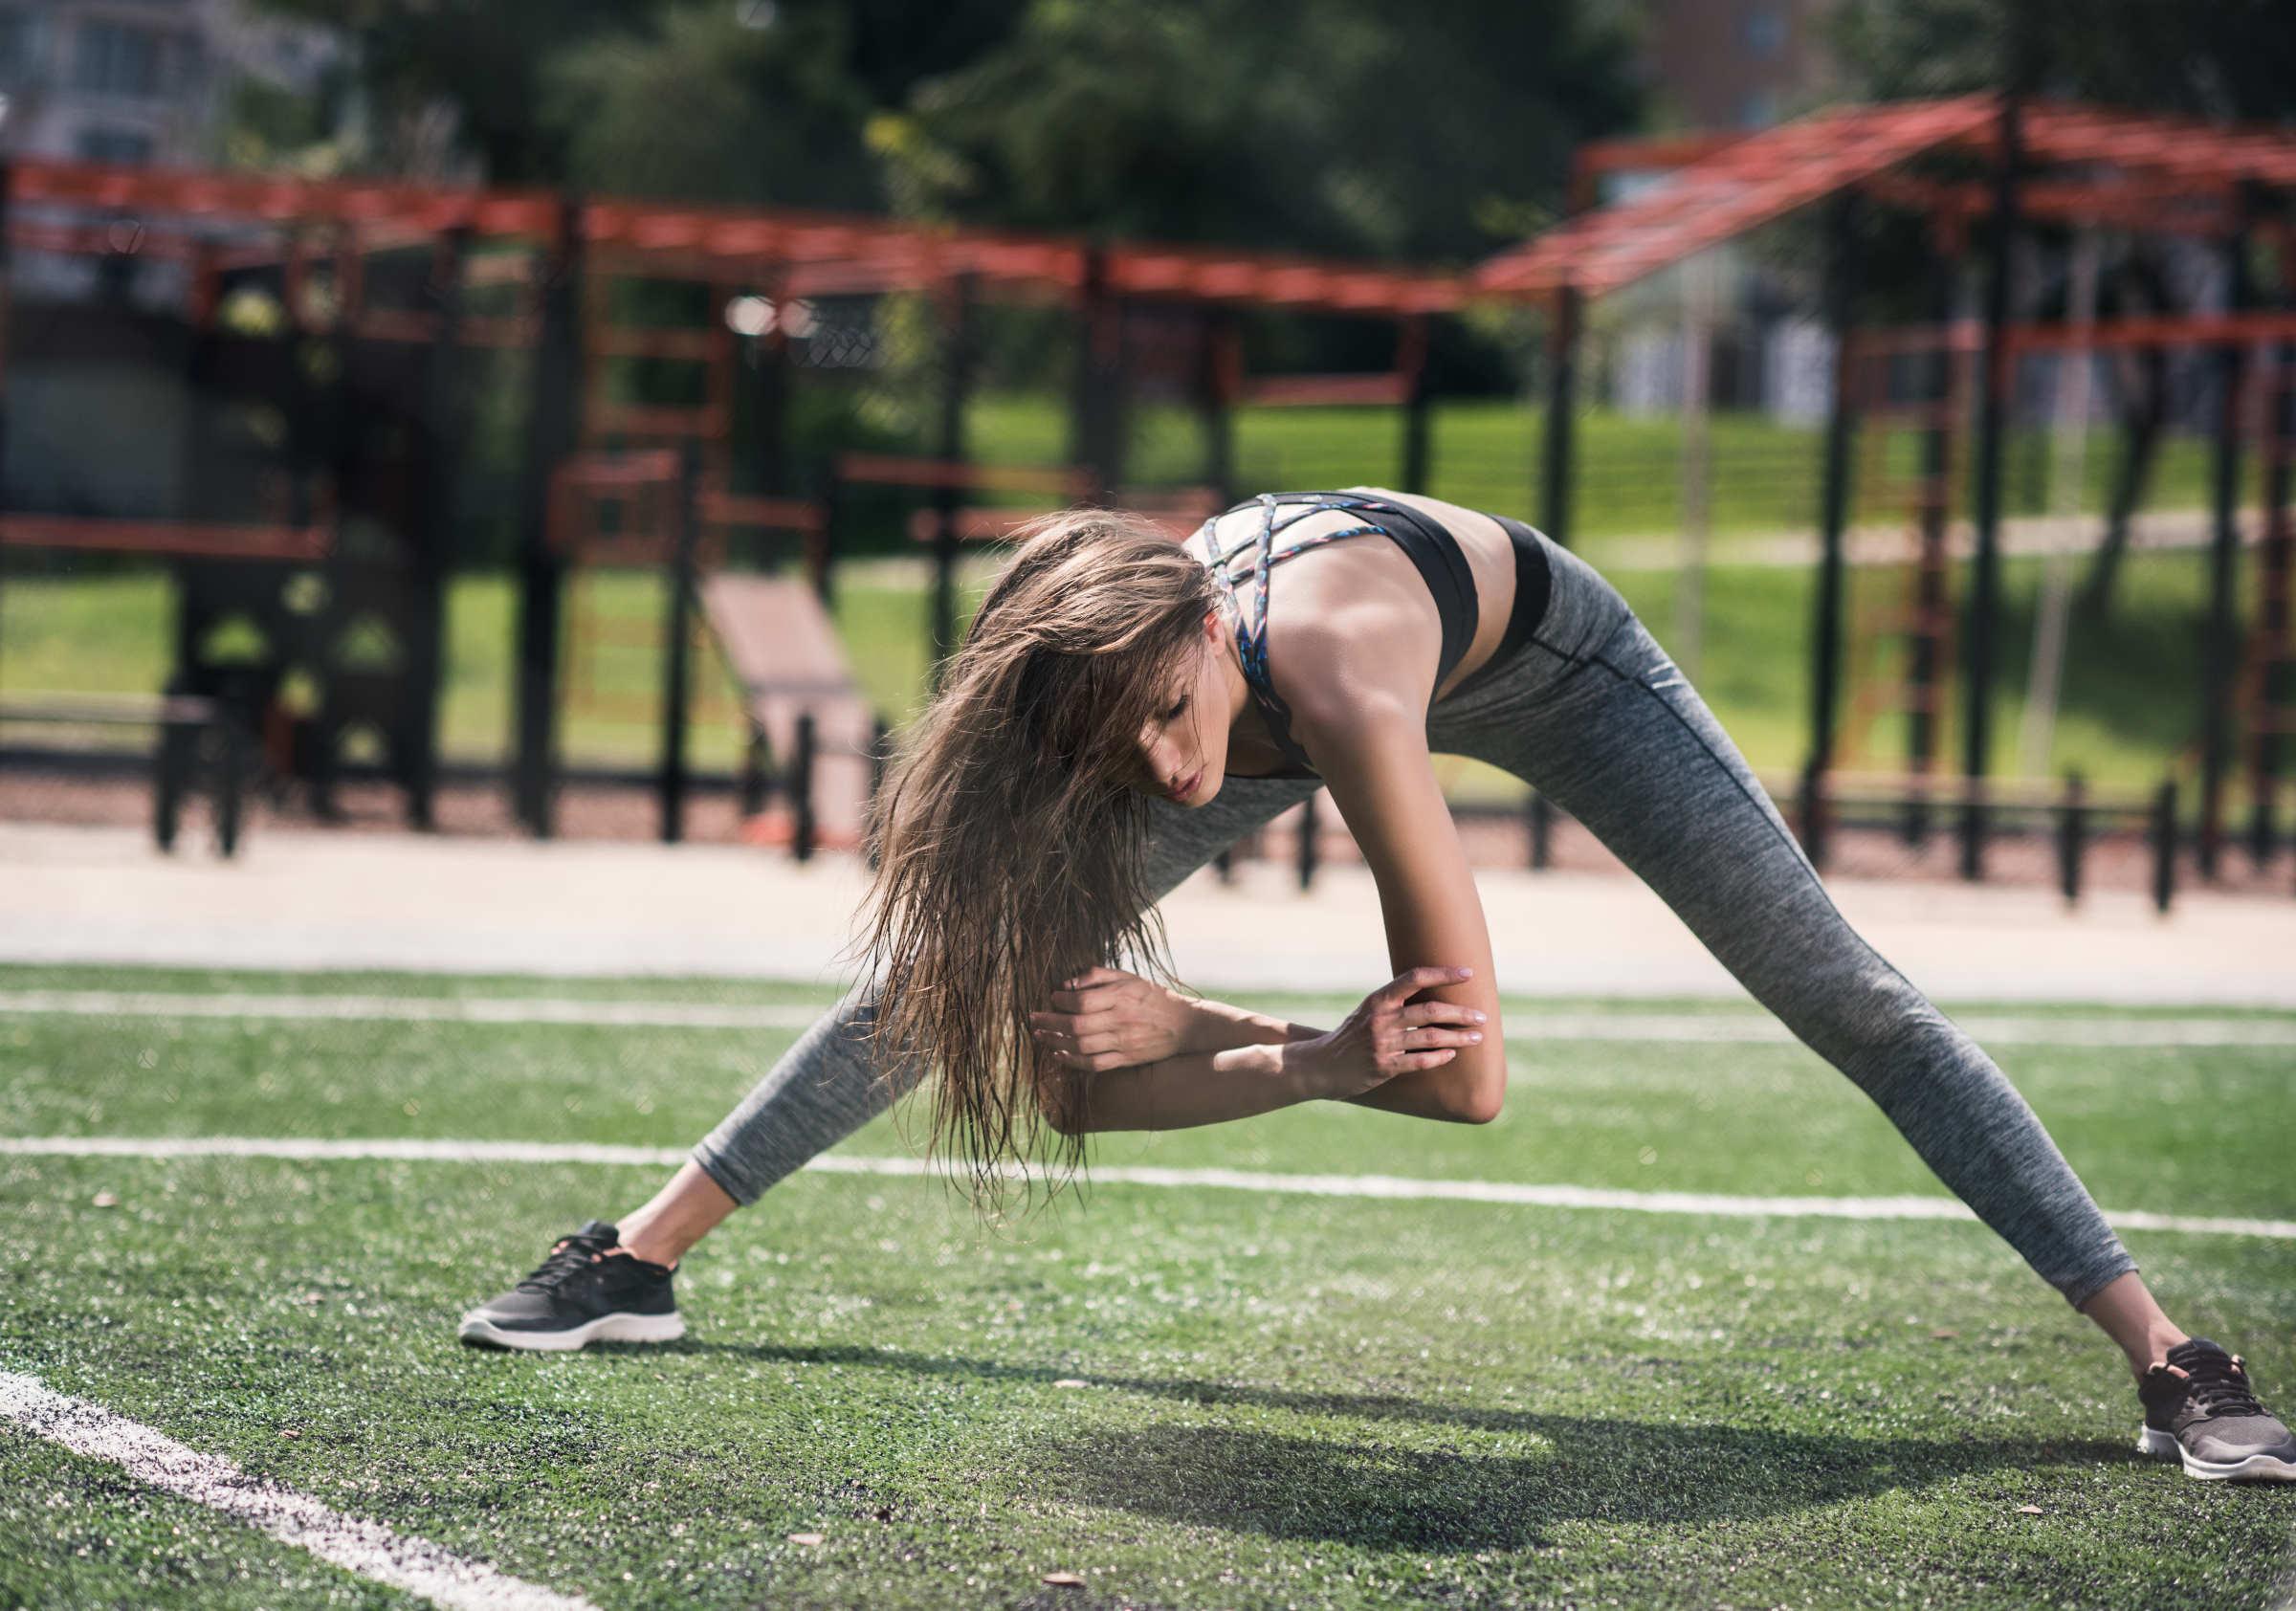 I 4 nuovi mercati del fitness